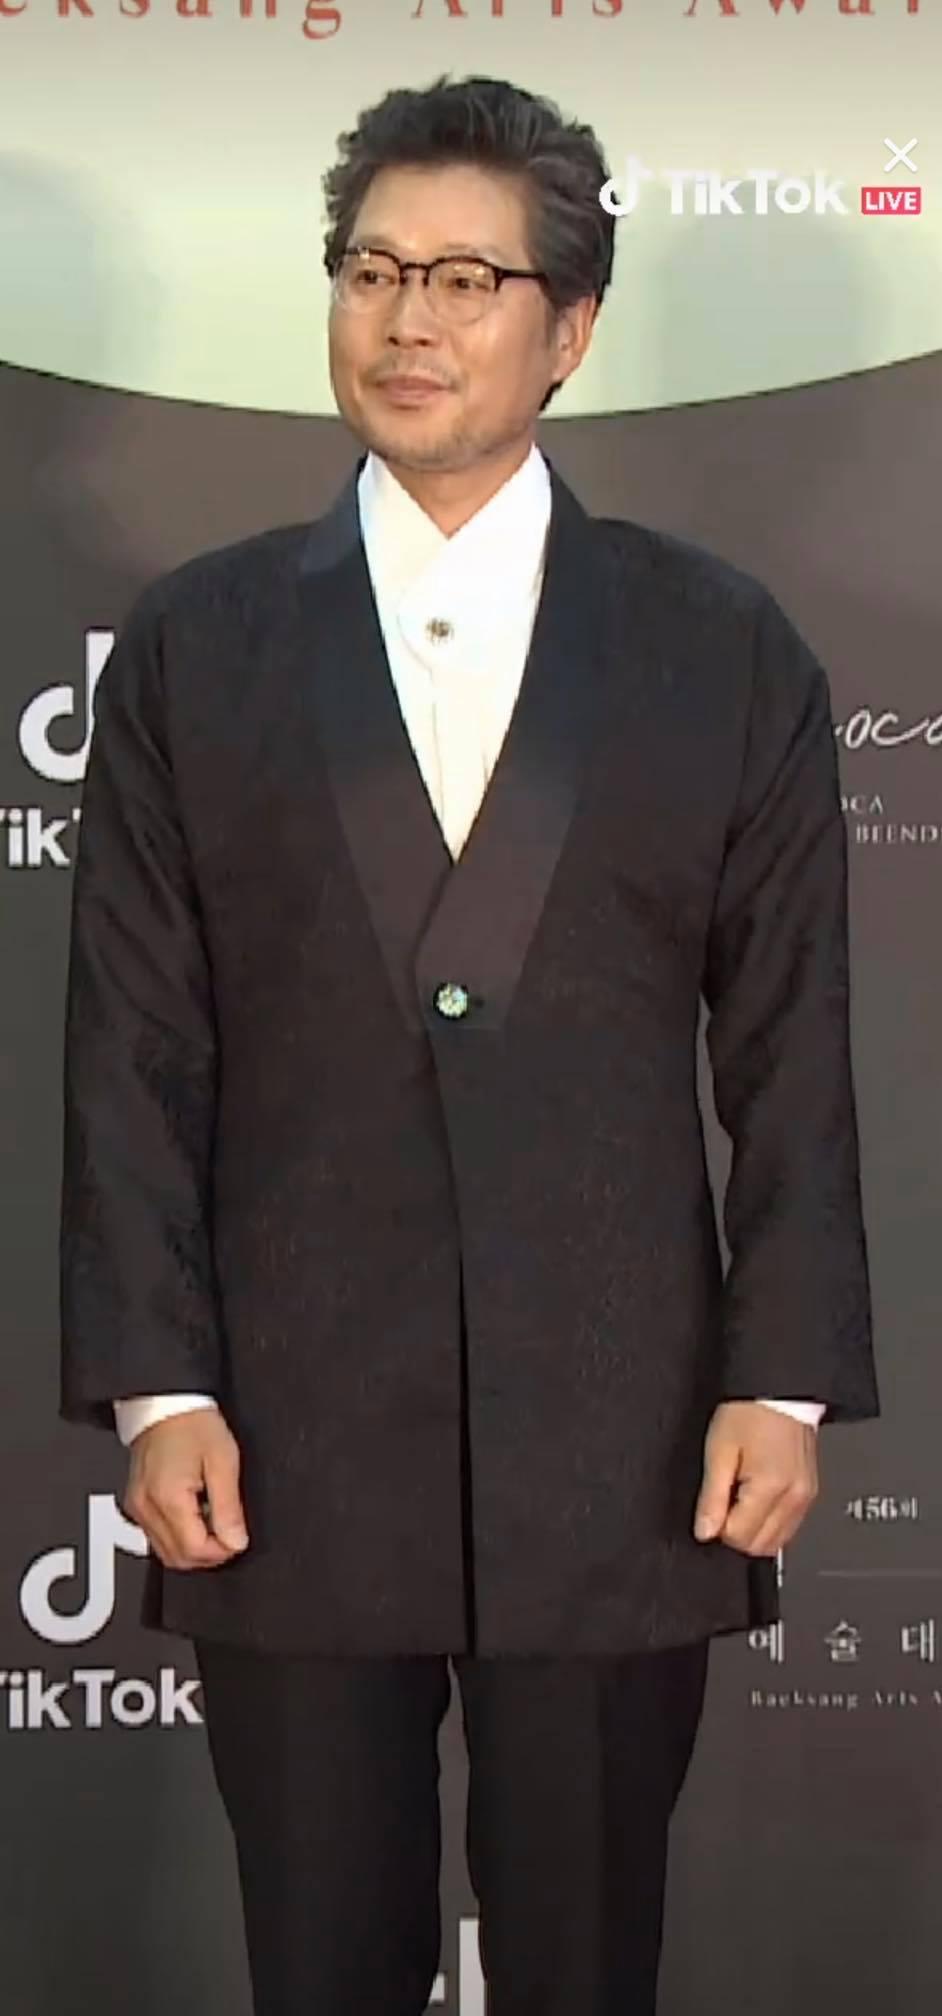 Bộ 5 Itaewon Class đổ bộ: Park Seo Joon, Ahn Bo Hyun,Kim Da Mi, Kwon Nara và Yoo Jae Myung. Mỹ nhân Kwon Nara diện váy hồng 'sến rện' nhưng vẫn xinh đẹp và tỏa sáng trên thảm đỏ Baeksang